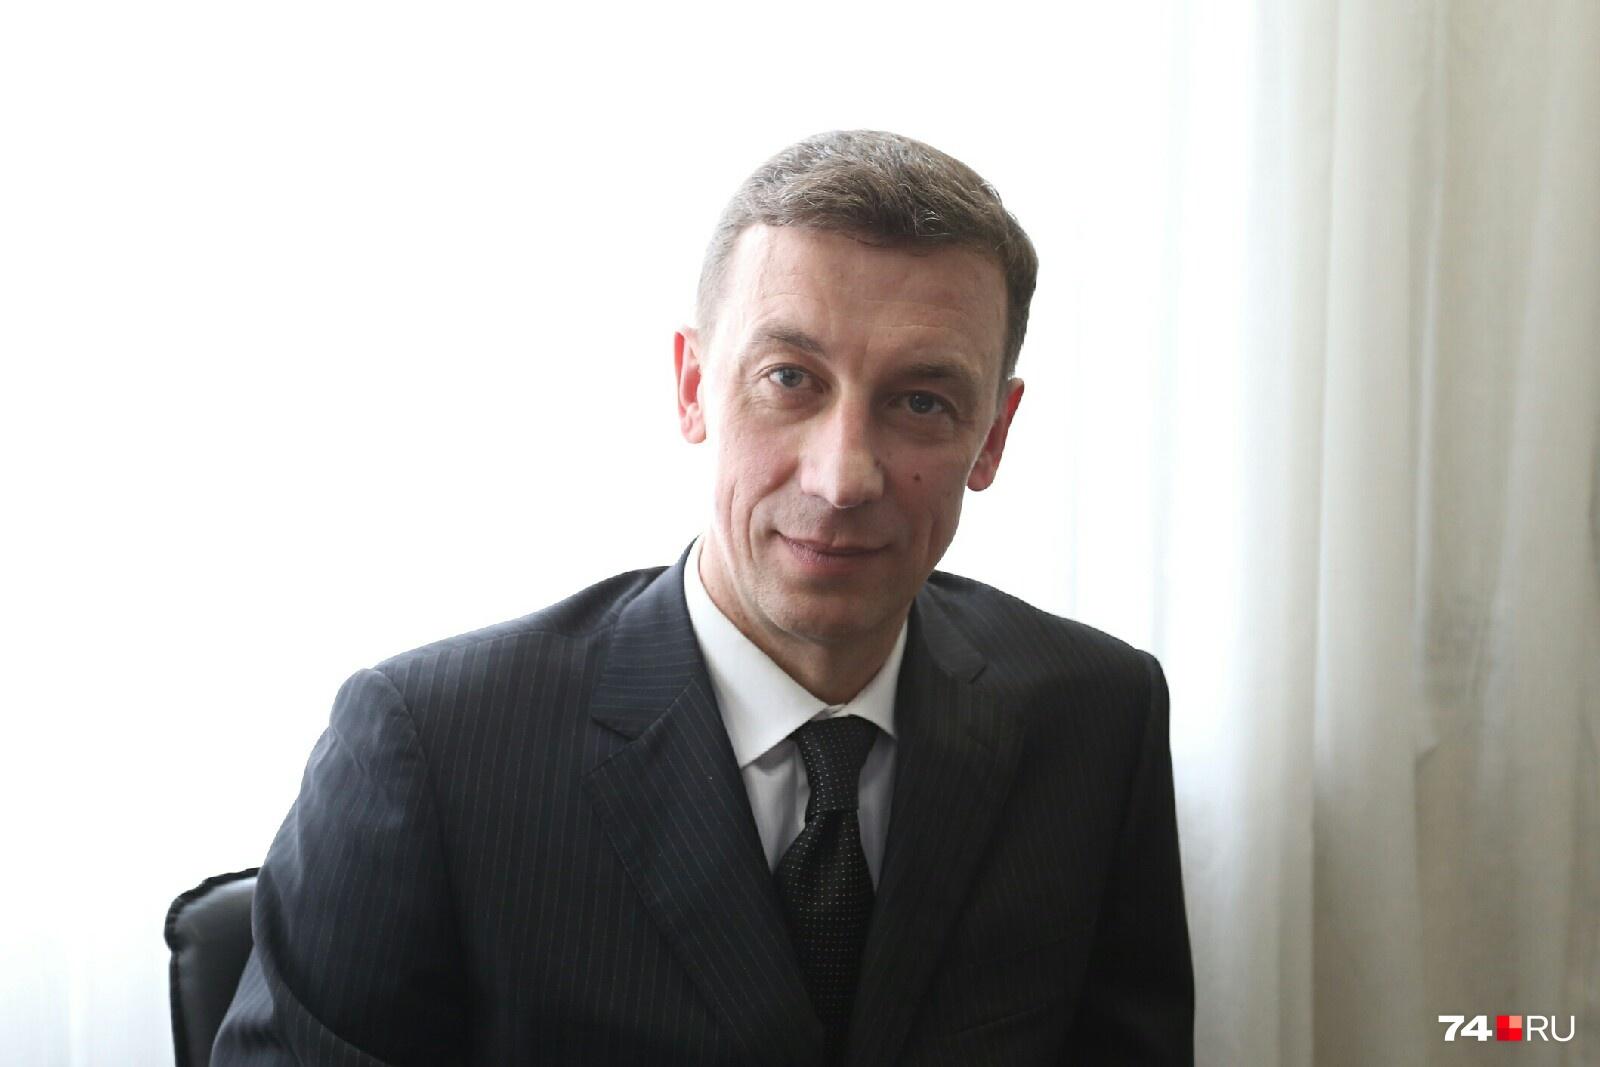 Николай Шиманович уже имеет опыт мэра — руководил Трёхгорным